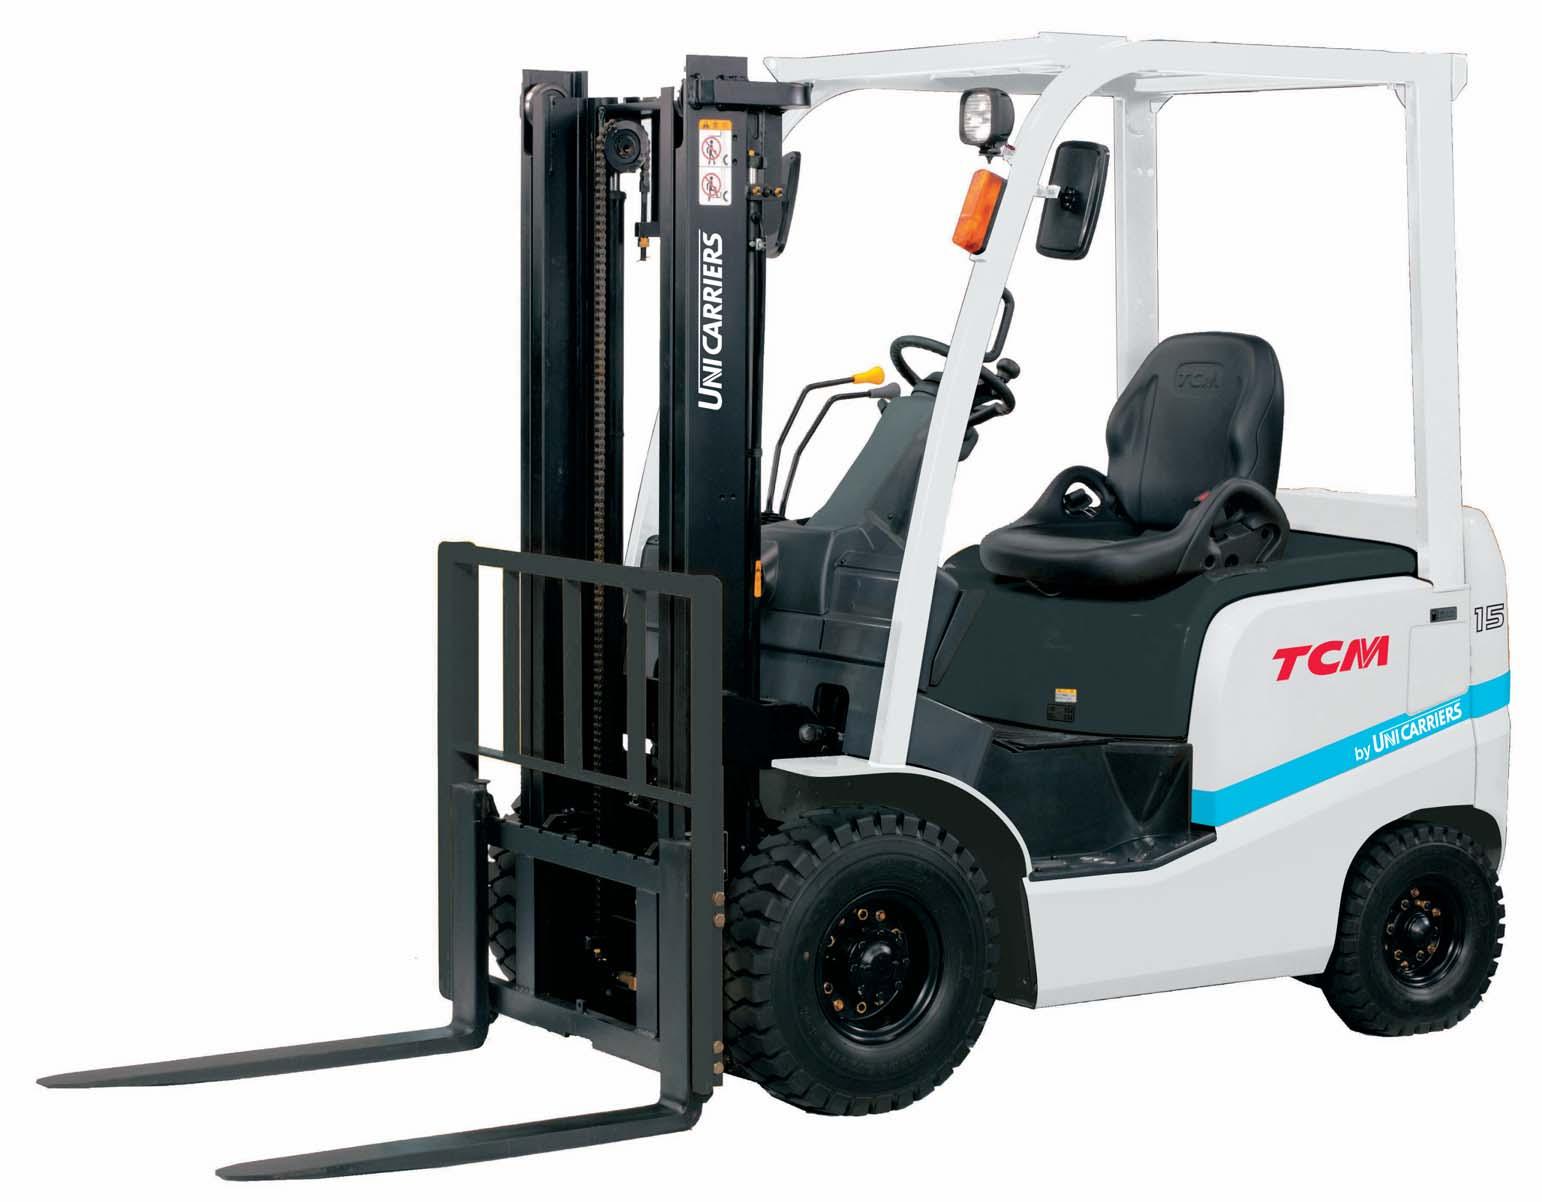 TCM FG50T9